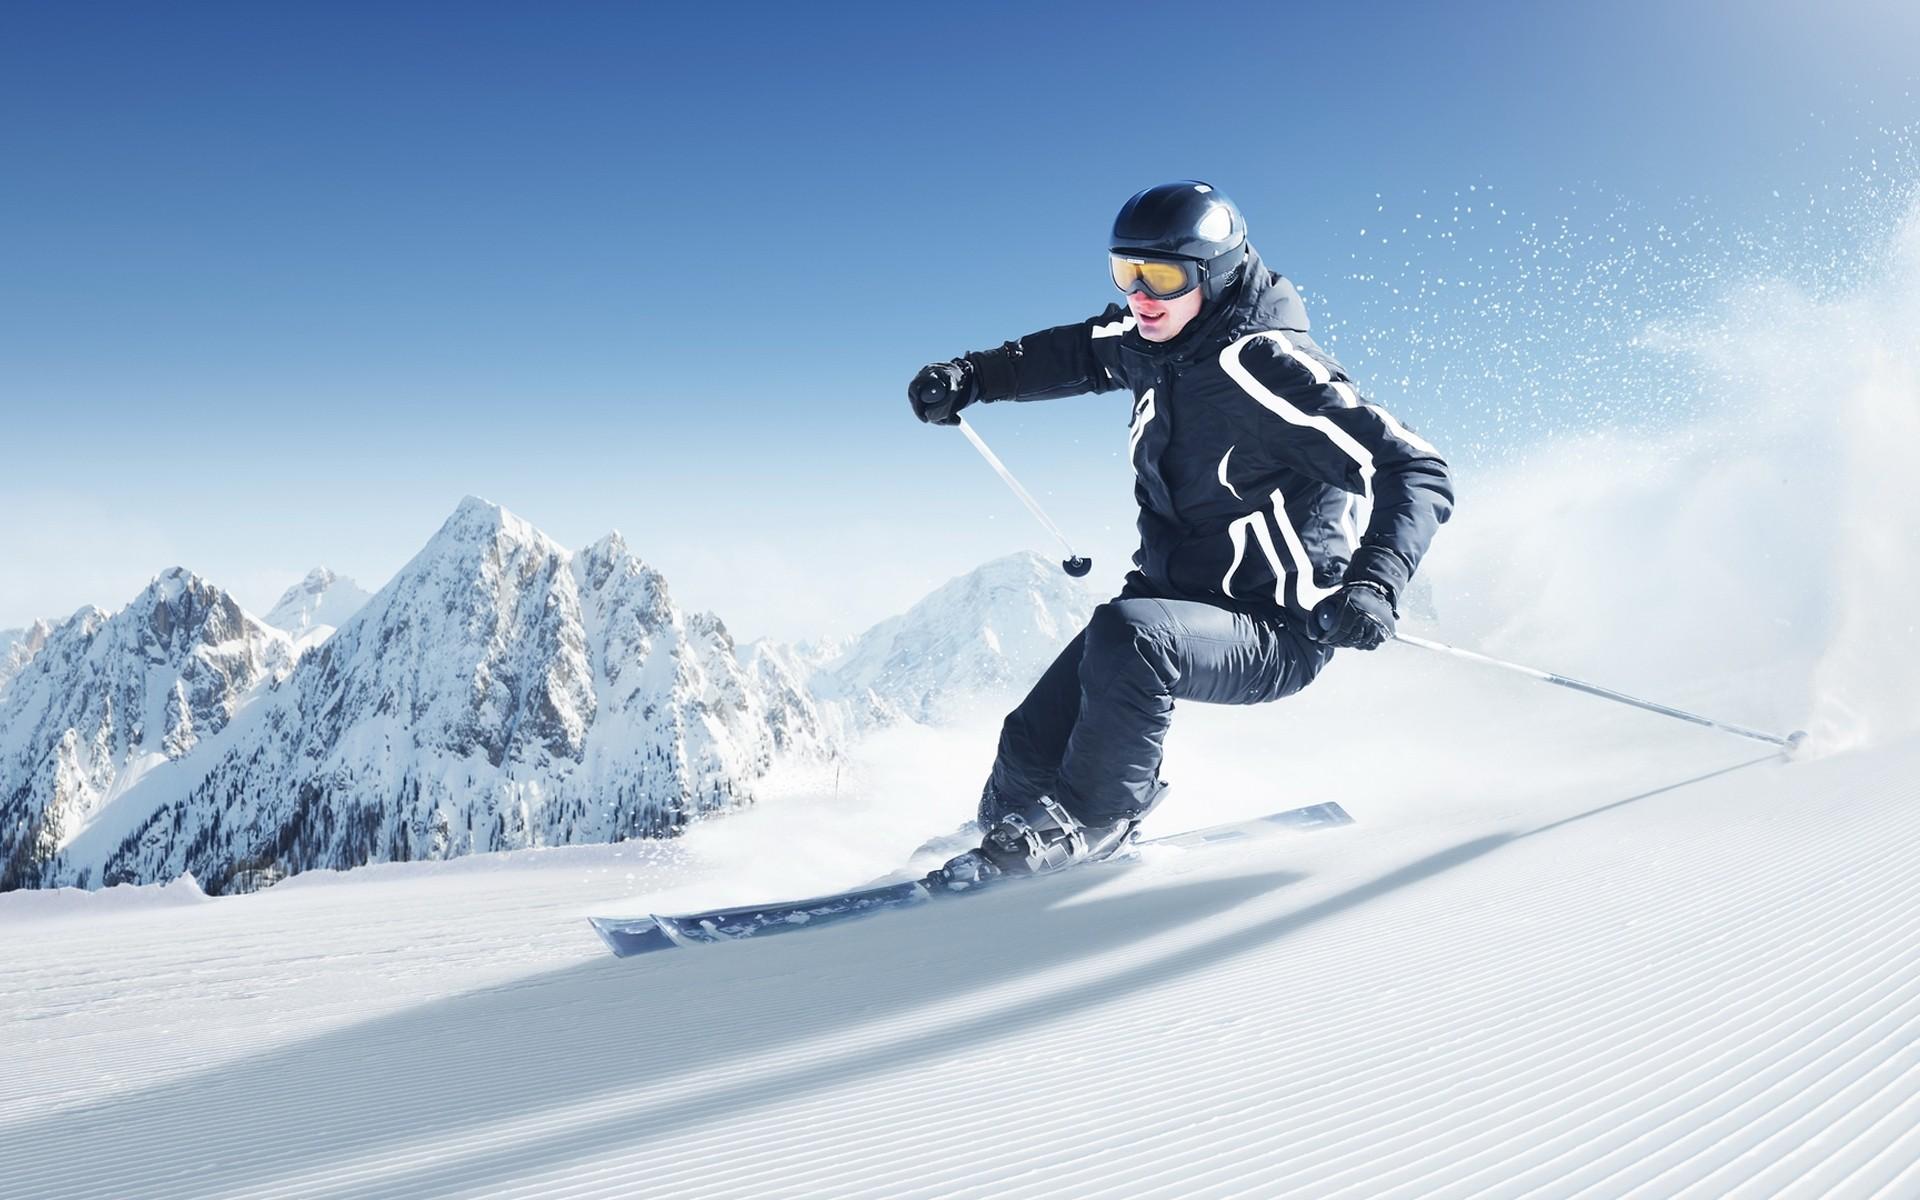 Esquiar en la nieve - 1920x1200